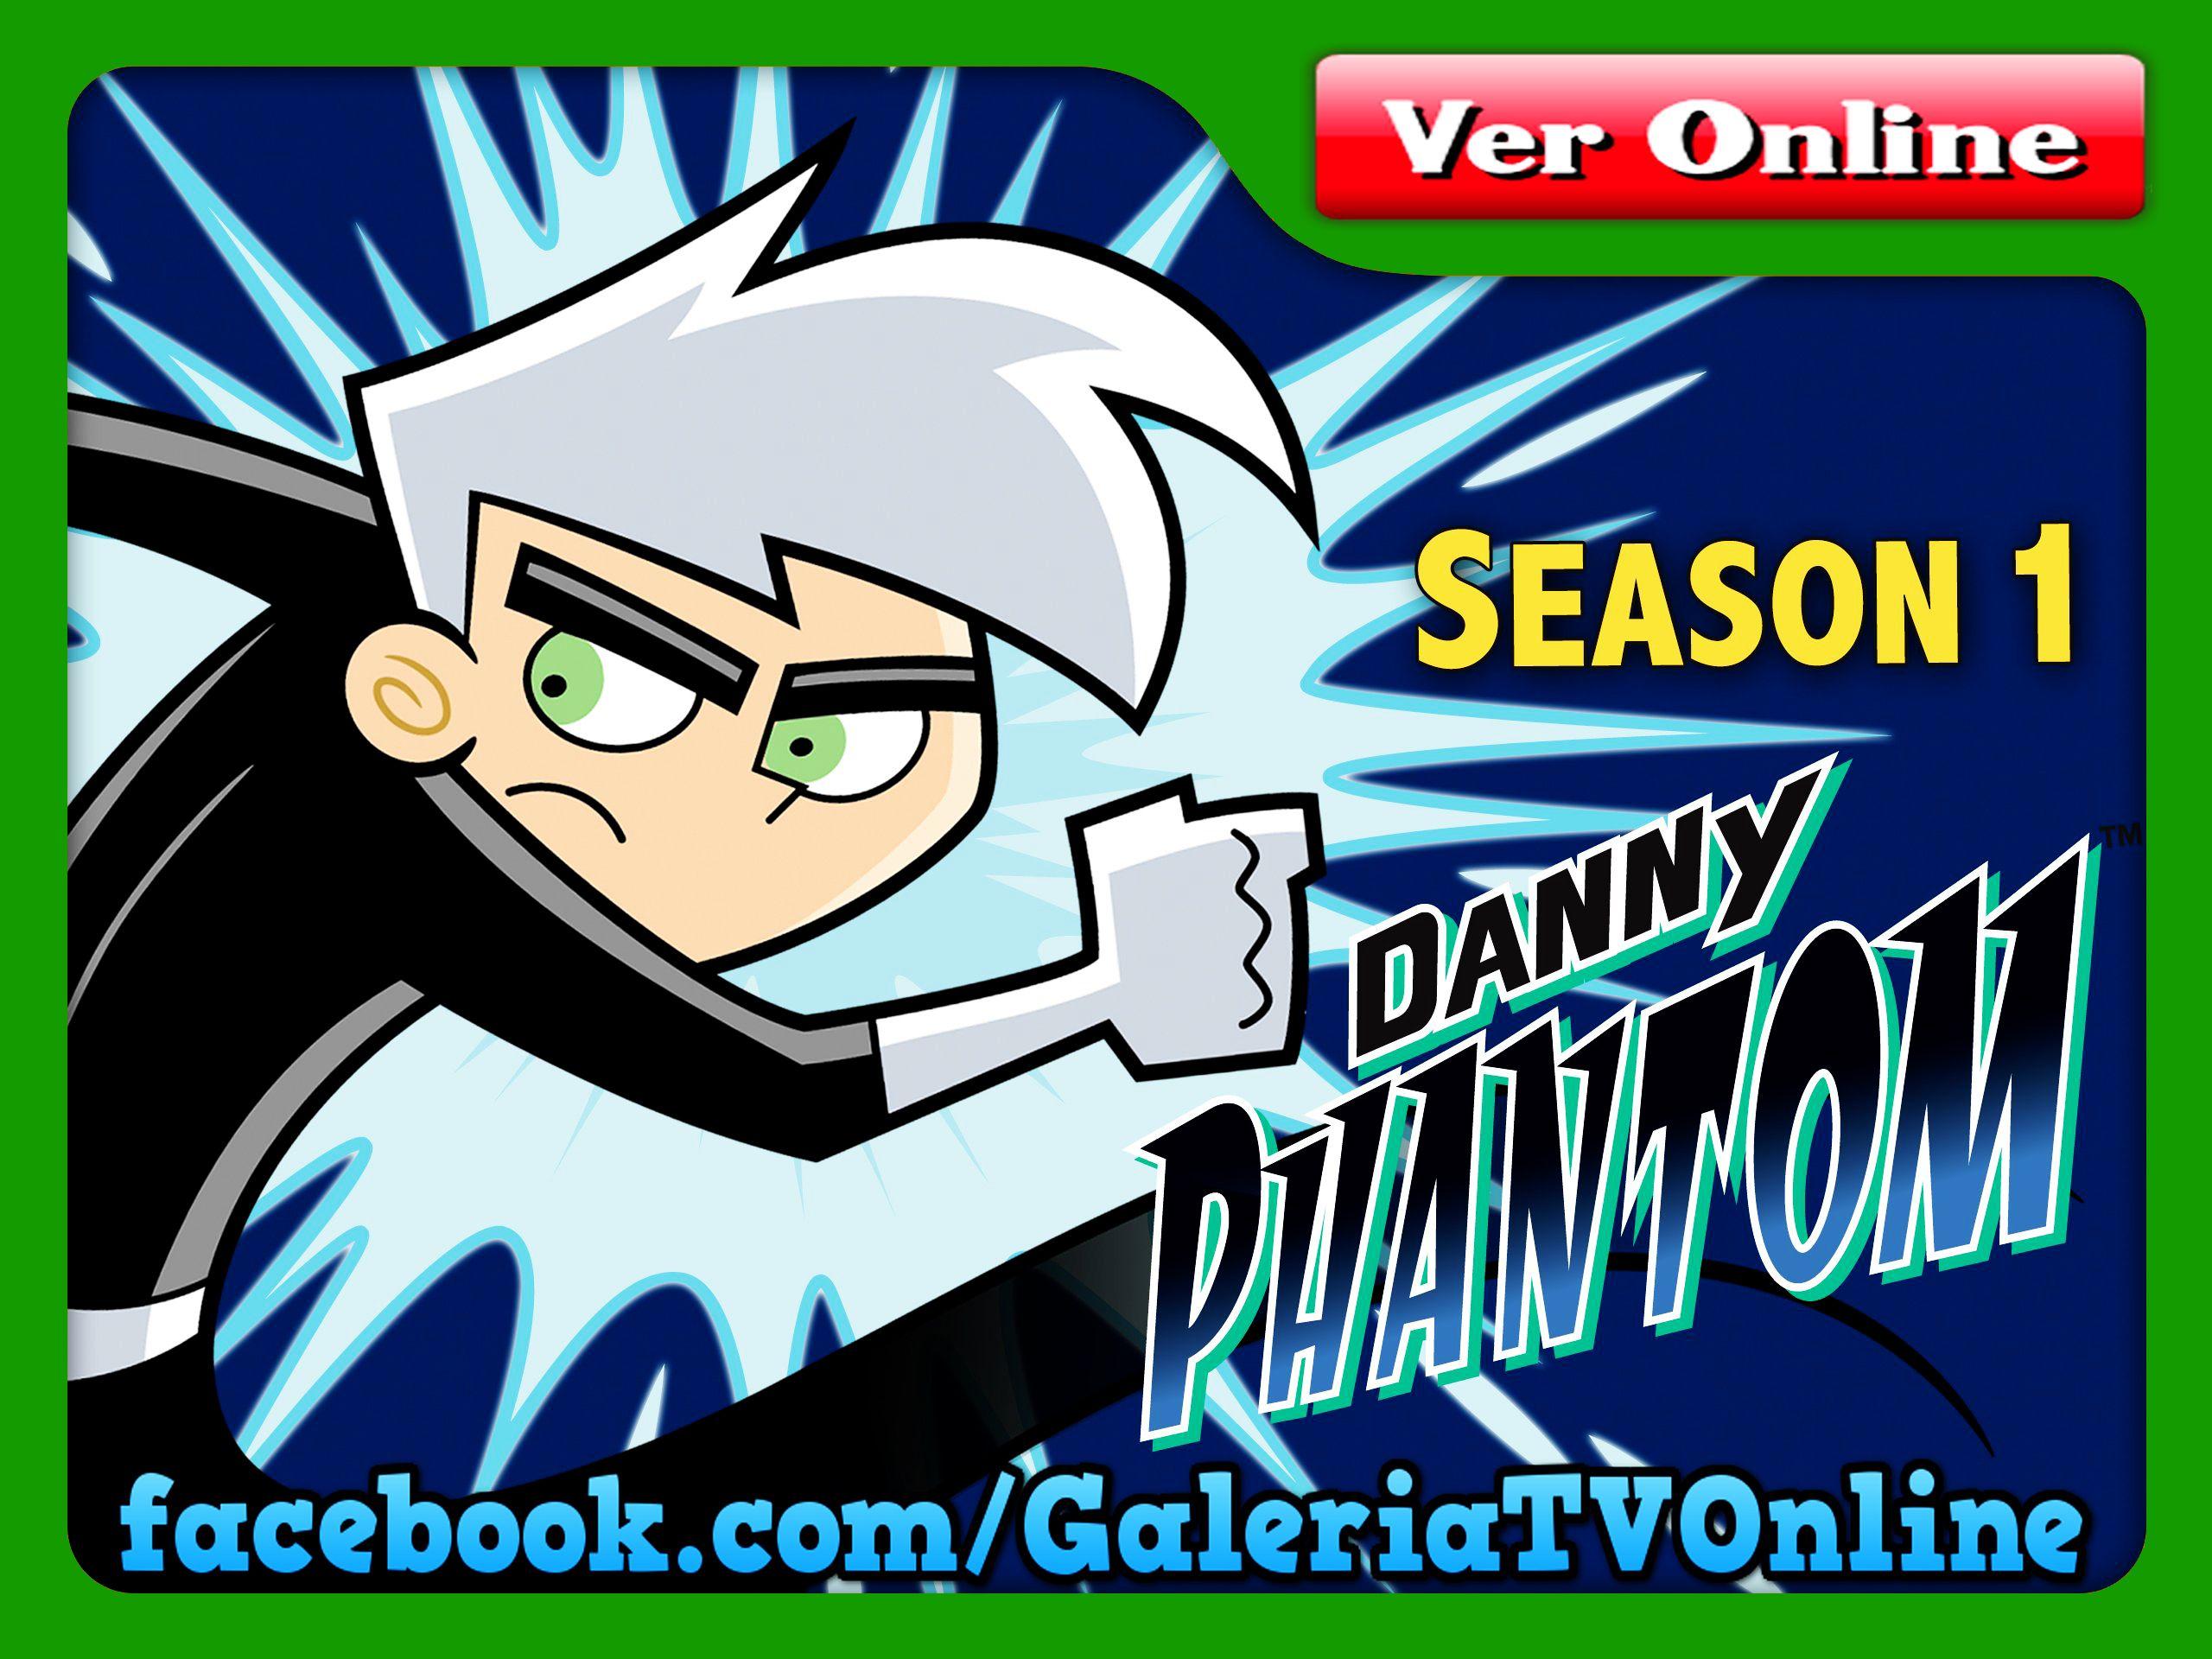 Danny Phantom Temporada 1 Online Latino Temporadas Ver Series Online Gratis Mejores Series Tv